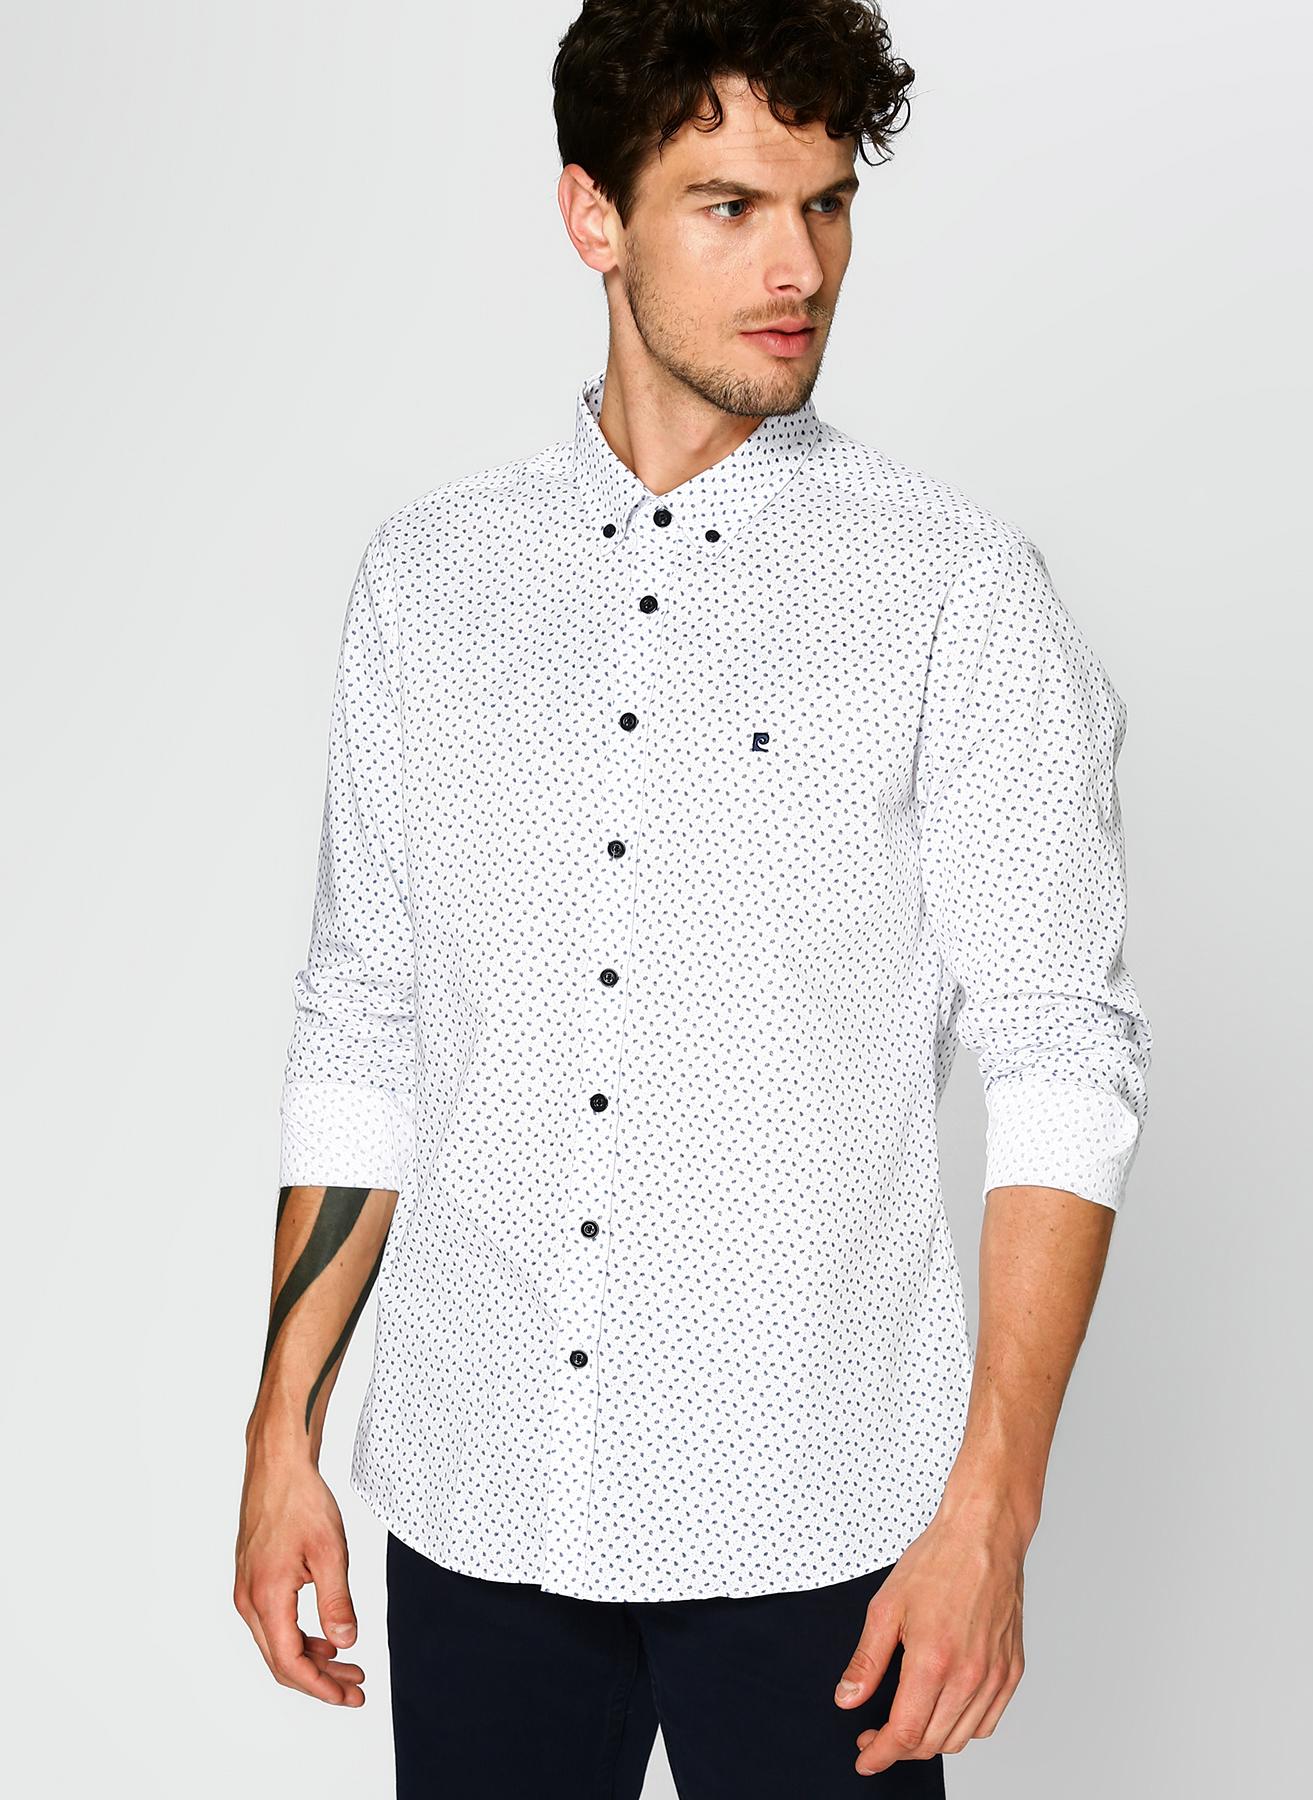 Pierre Cardin Desenli Beyaz Gömlek 3XL 5002313409002 Ürün Resmi